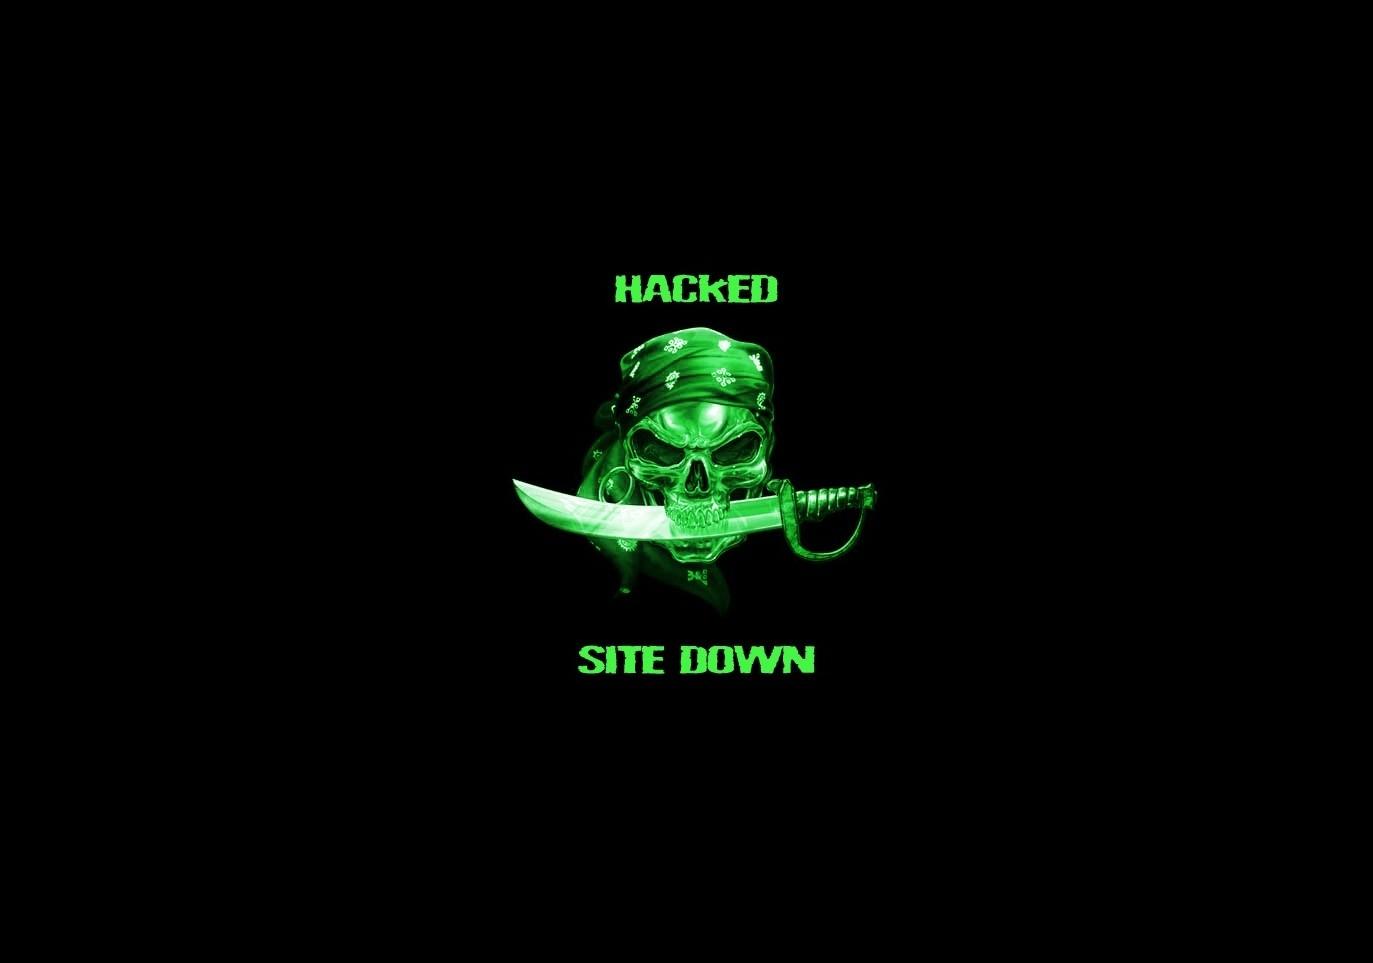 Hacker Computer Wallpapers Desktop Backgrounds 1373x963 ID157766 1373x963